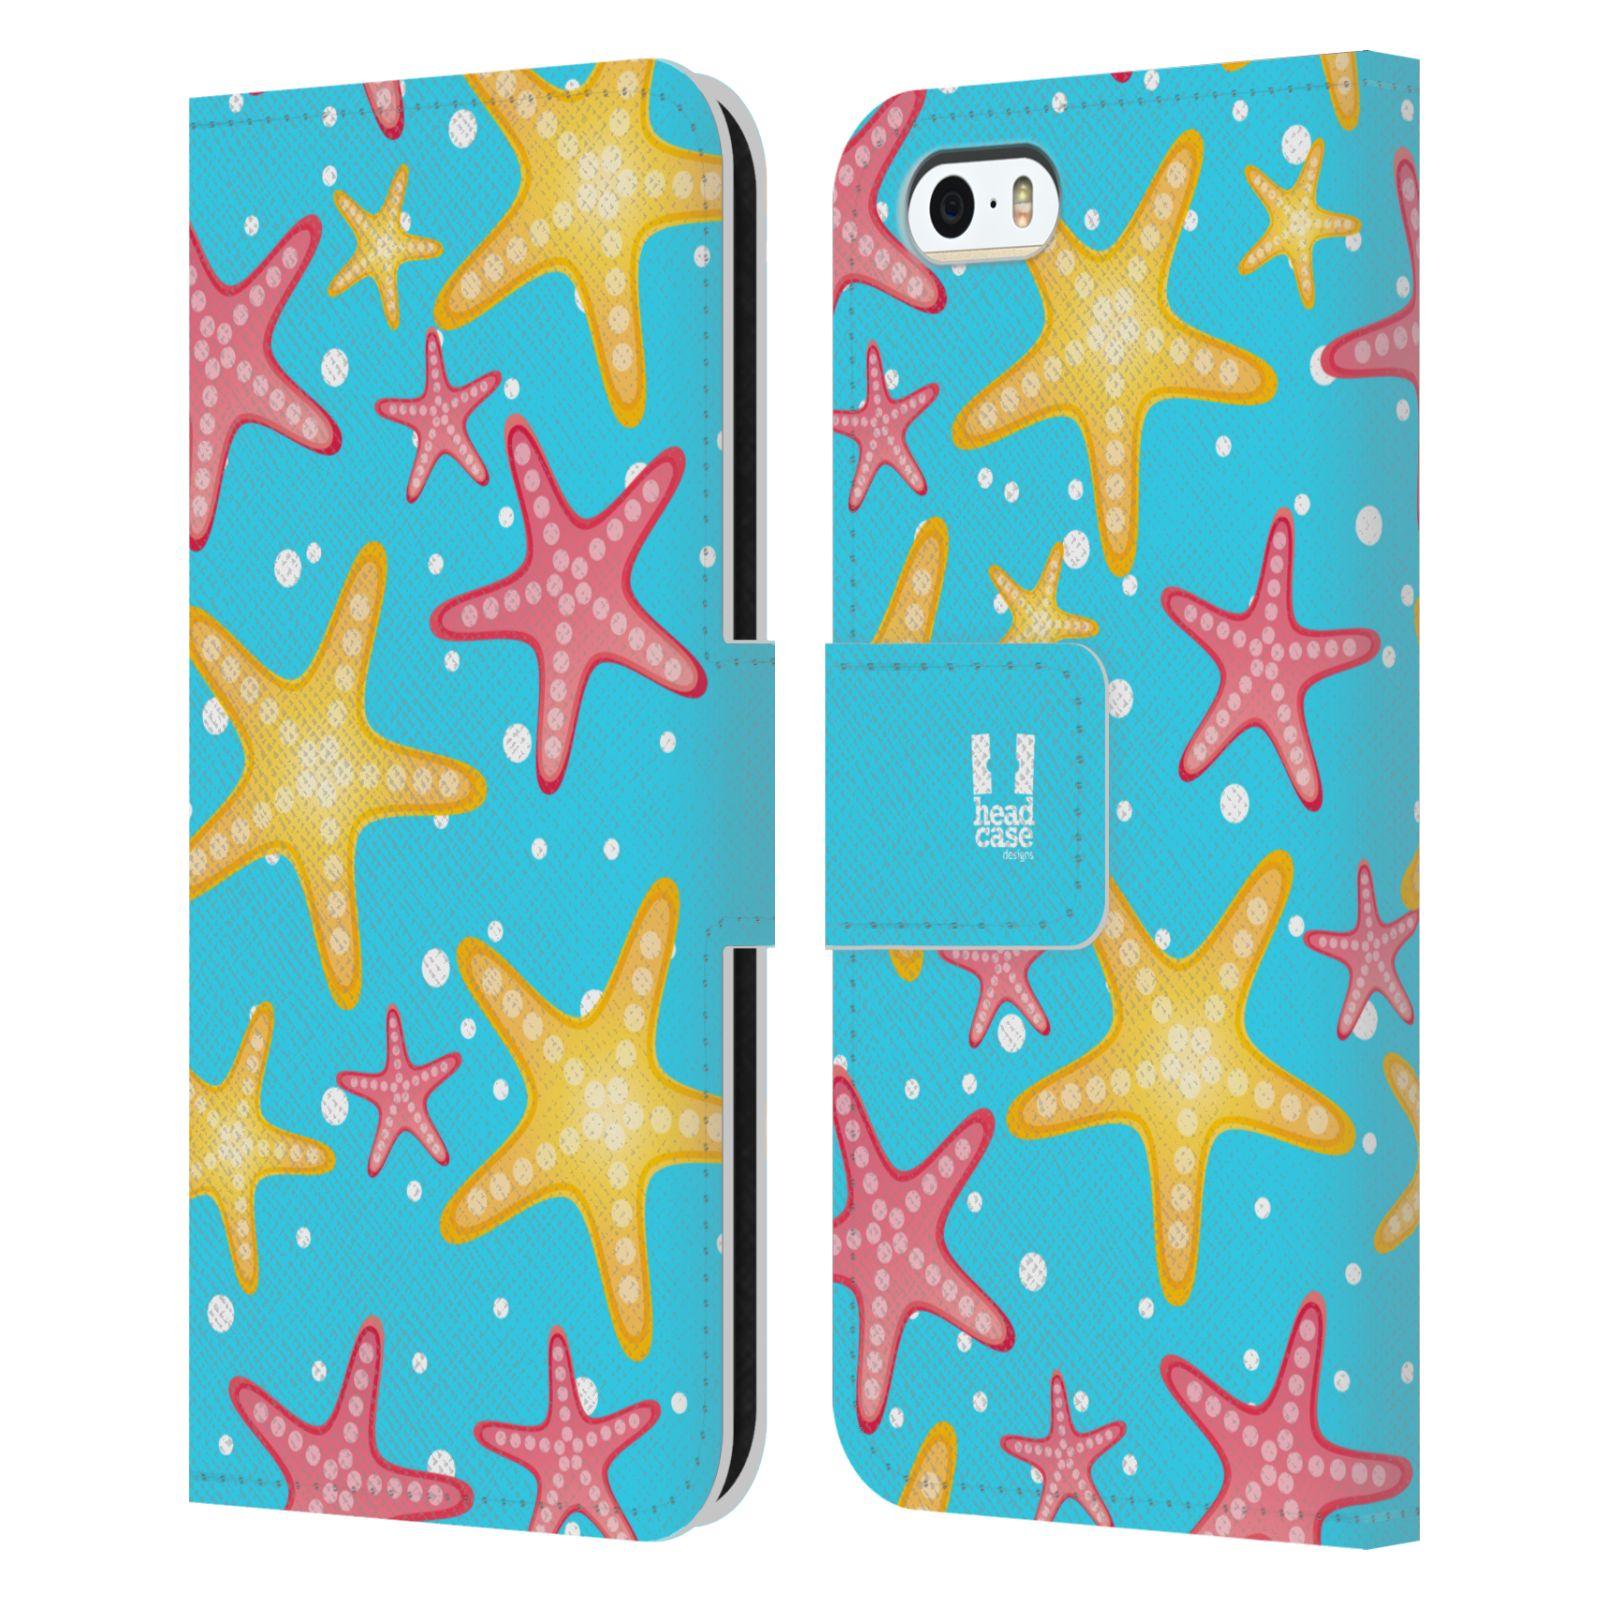 HEAD CASE Flipové pouzdro pro mobil Apple Iphone 5/5s Mořský živočich hvězdice modrá barva pozadí